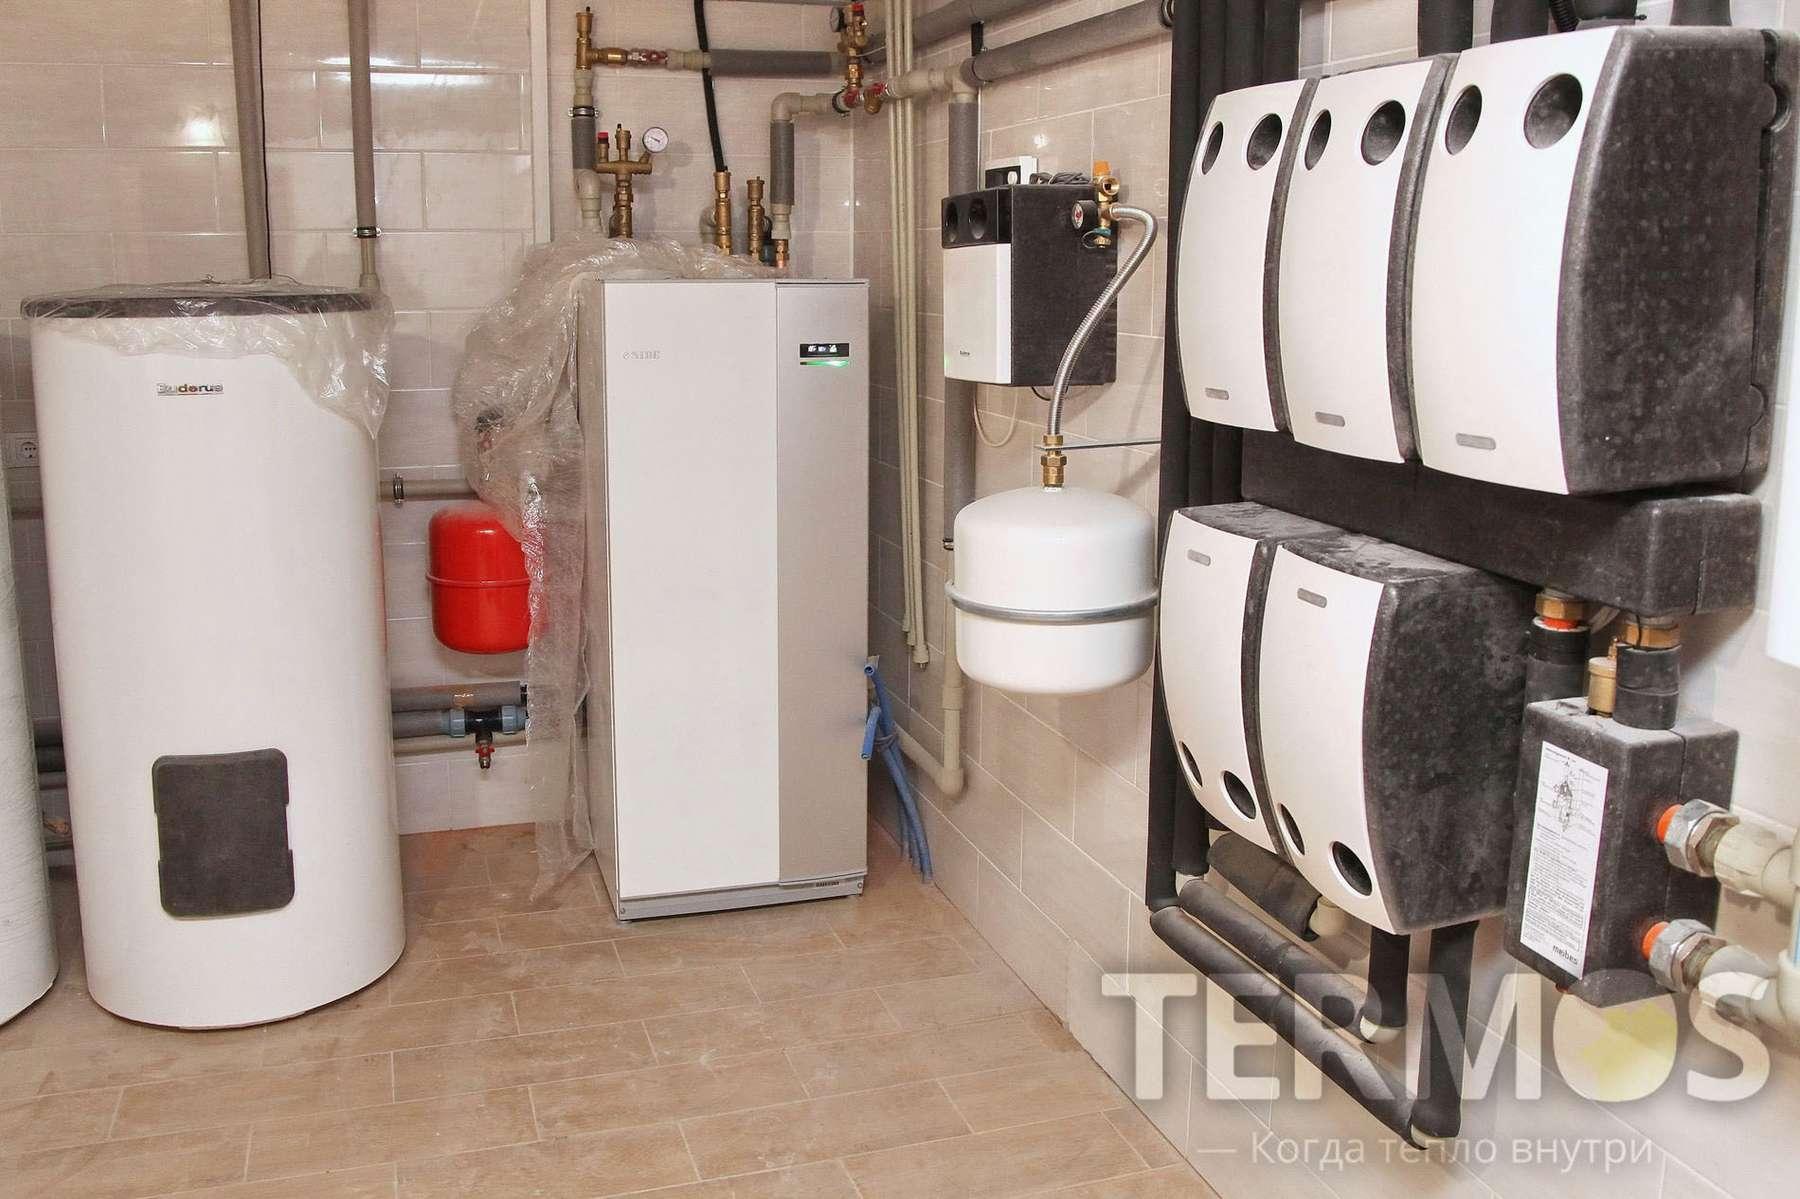 Эффективны тепловой насос с низкотемпературной системой отопления обеспечивают минимальные затраты на отопление